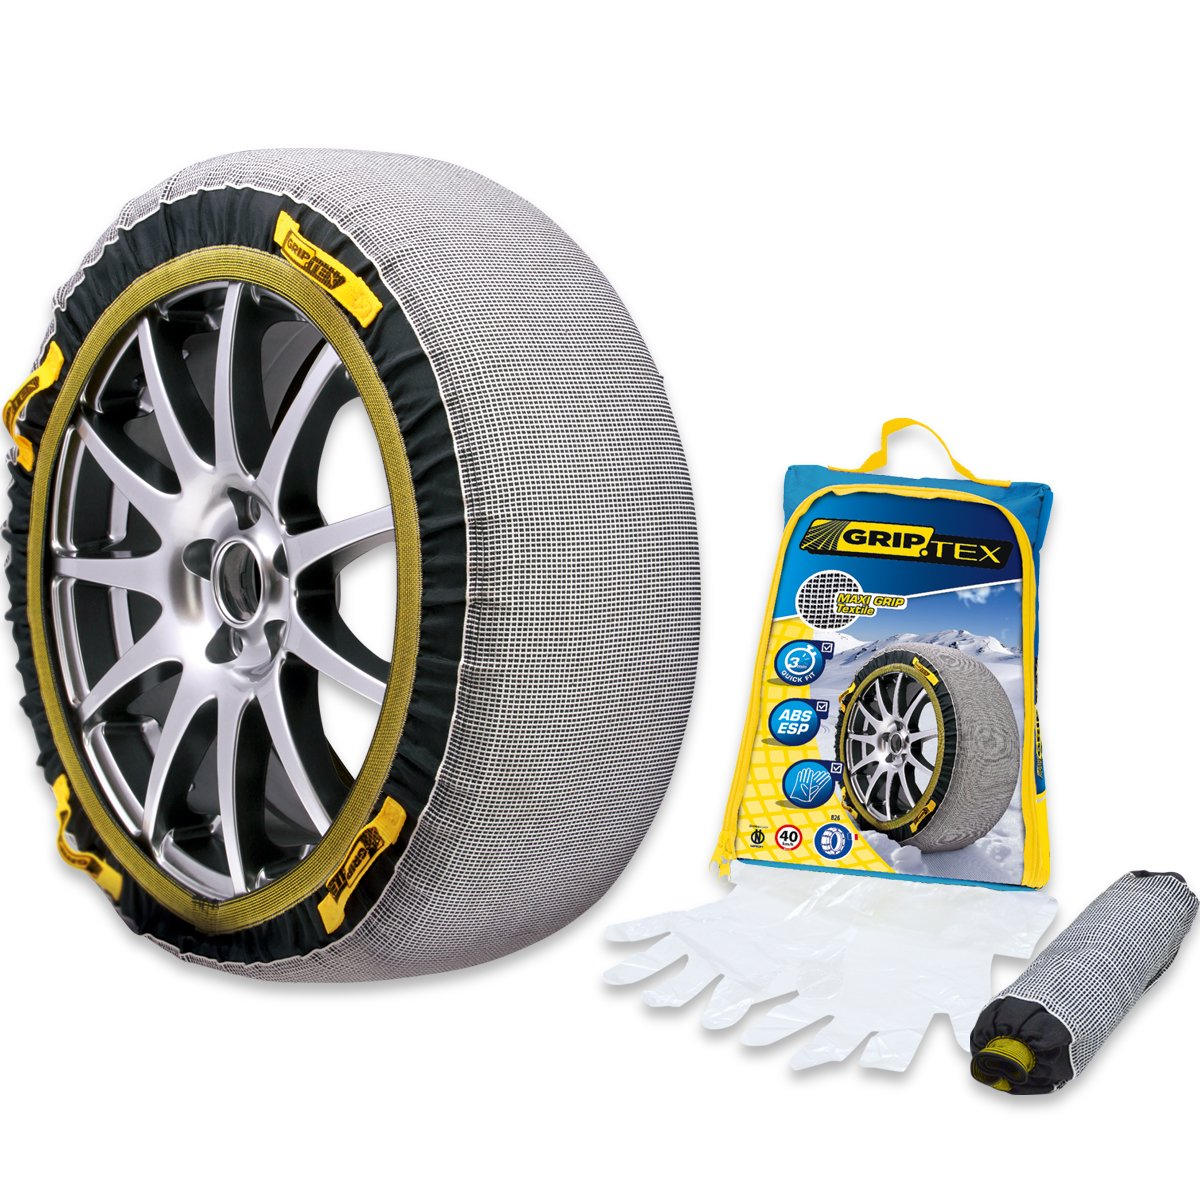 スノーグリップ テックス (SNOW GRIP TEX) 布製 タイヤチェーン 簡単取り付け 雪道 滑り止め 作業用手袋付 (TX-0) B0796R4W3W TX-0 TX-0